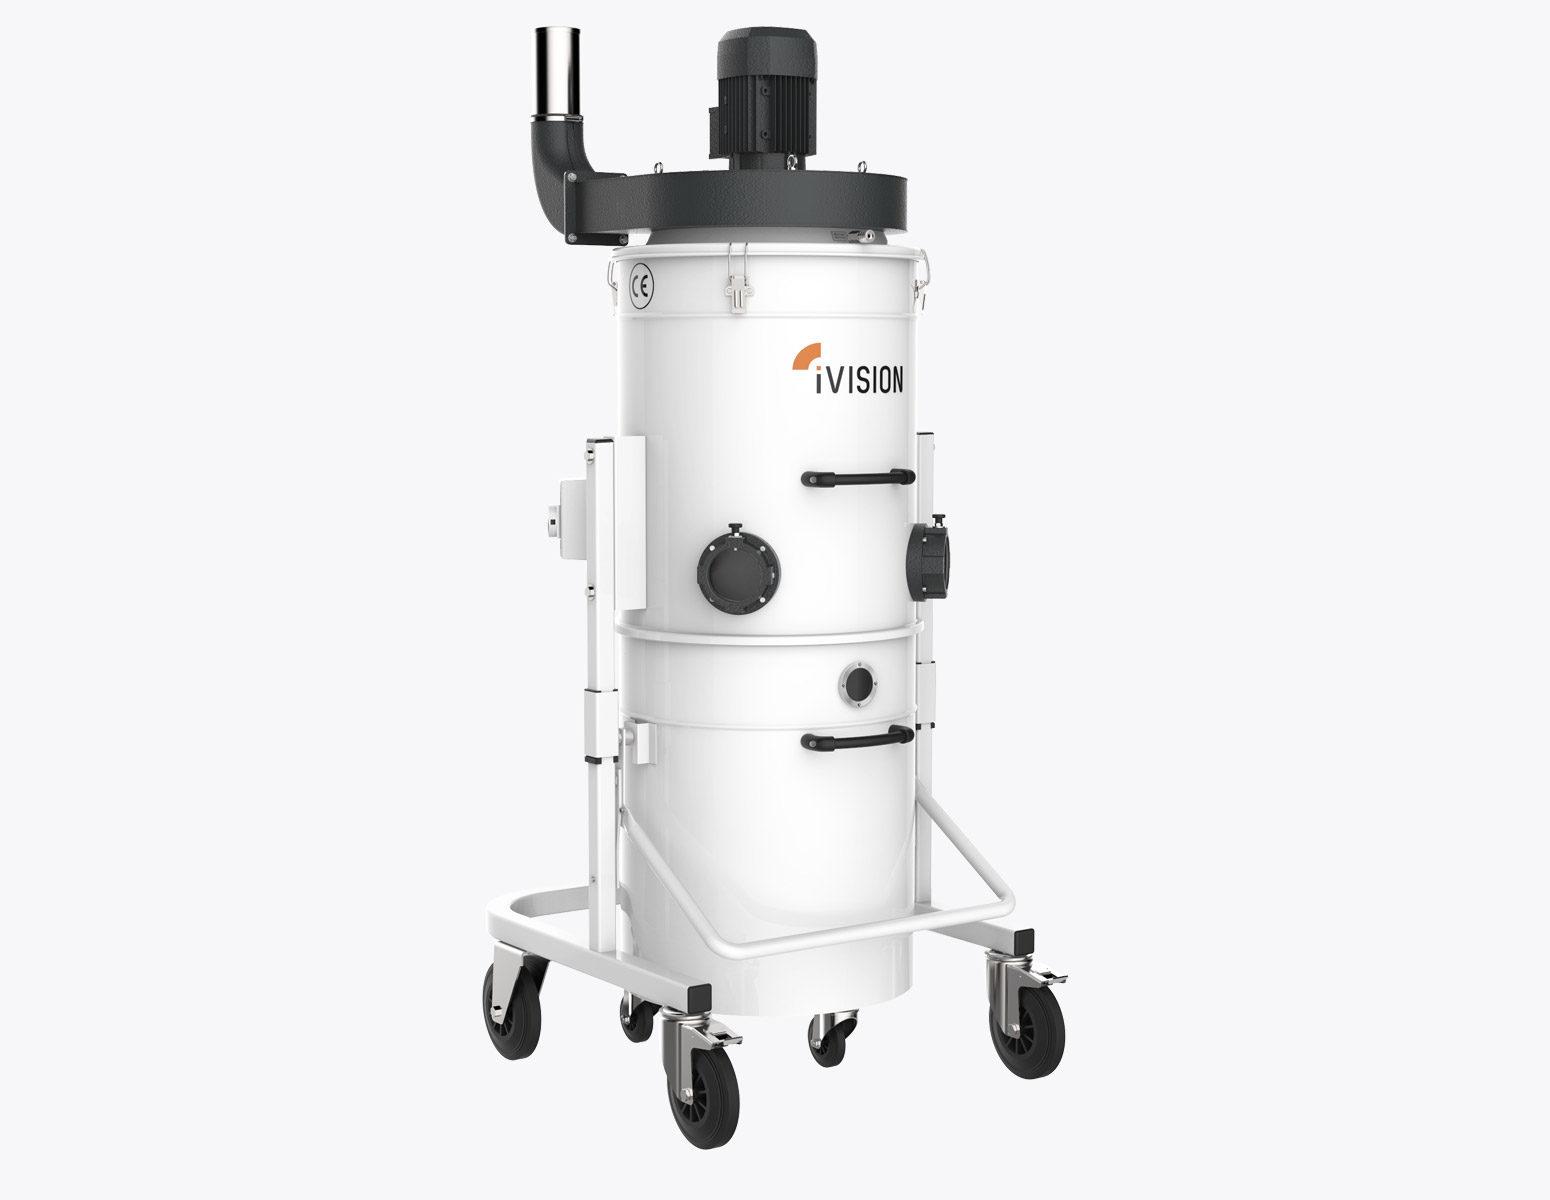 iv3-extrusion-line-ventola-sopra-industrial-vacuum-cleaners-ivision-vacuum-f